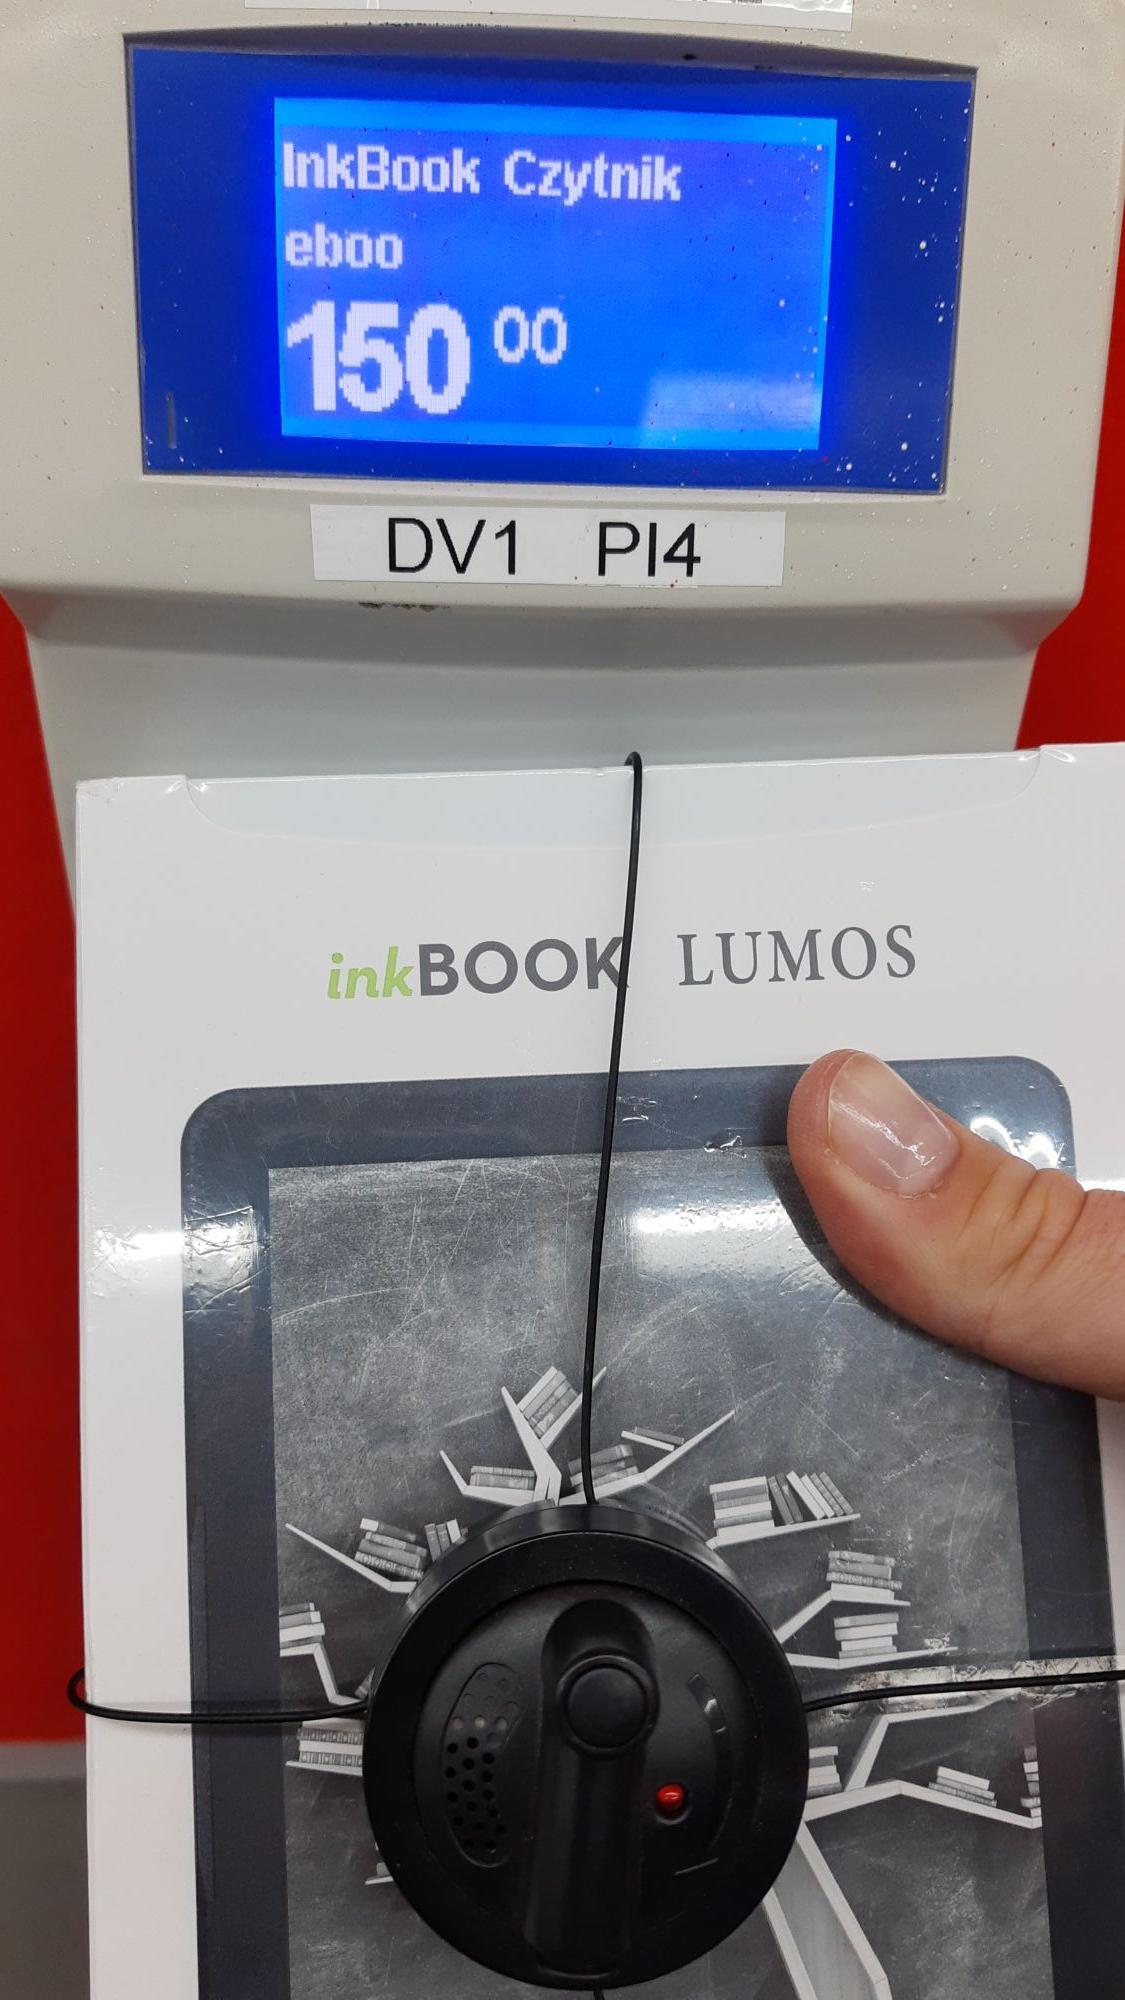 InkBook Lumos 150 zł w Kaufland w Sochaczewie. Może ogólnopolska.